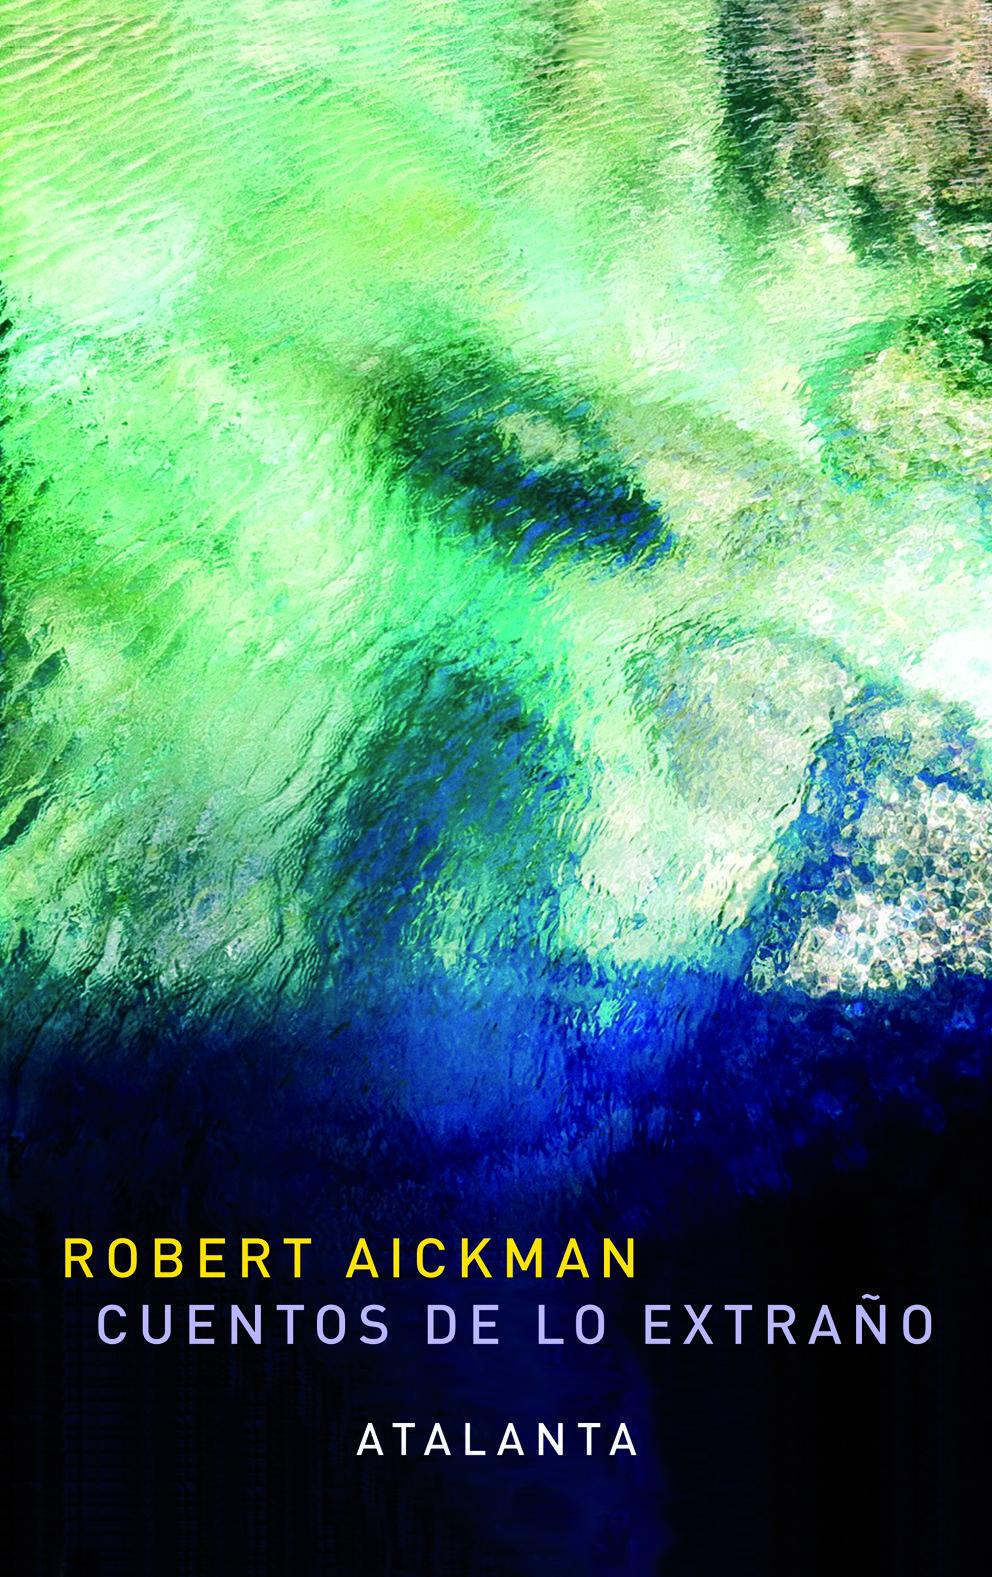 Portada de Cuentos de lo extraño, de Robert Aickman